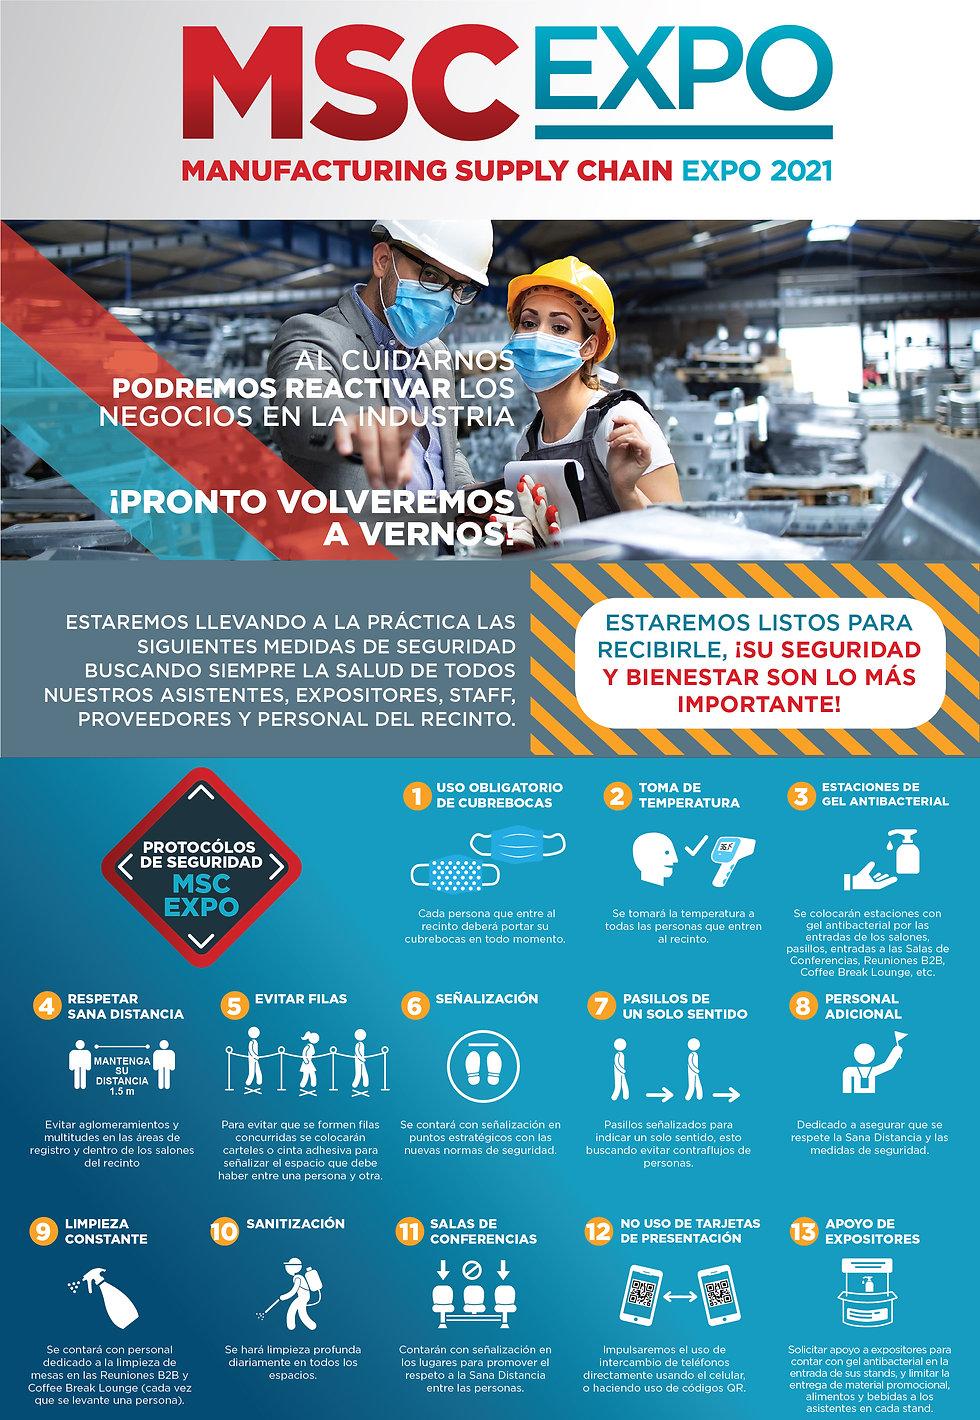 Medidas de seguridad para MSC Expo.jpg